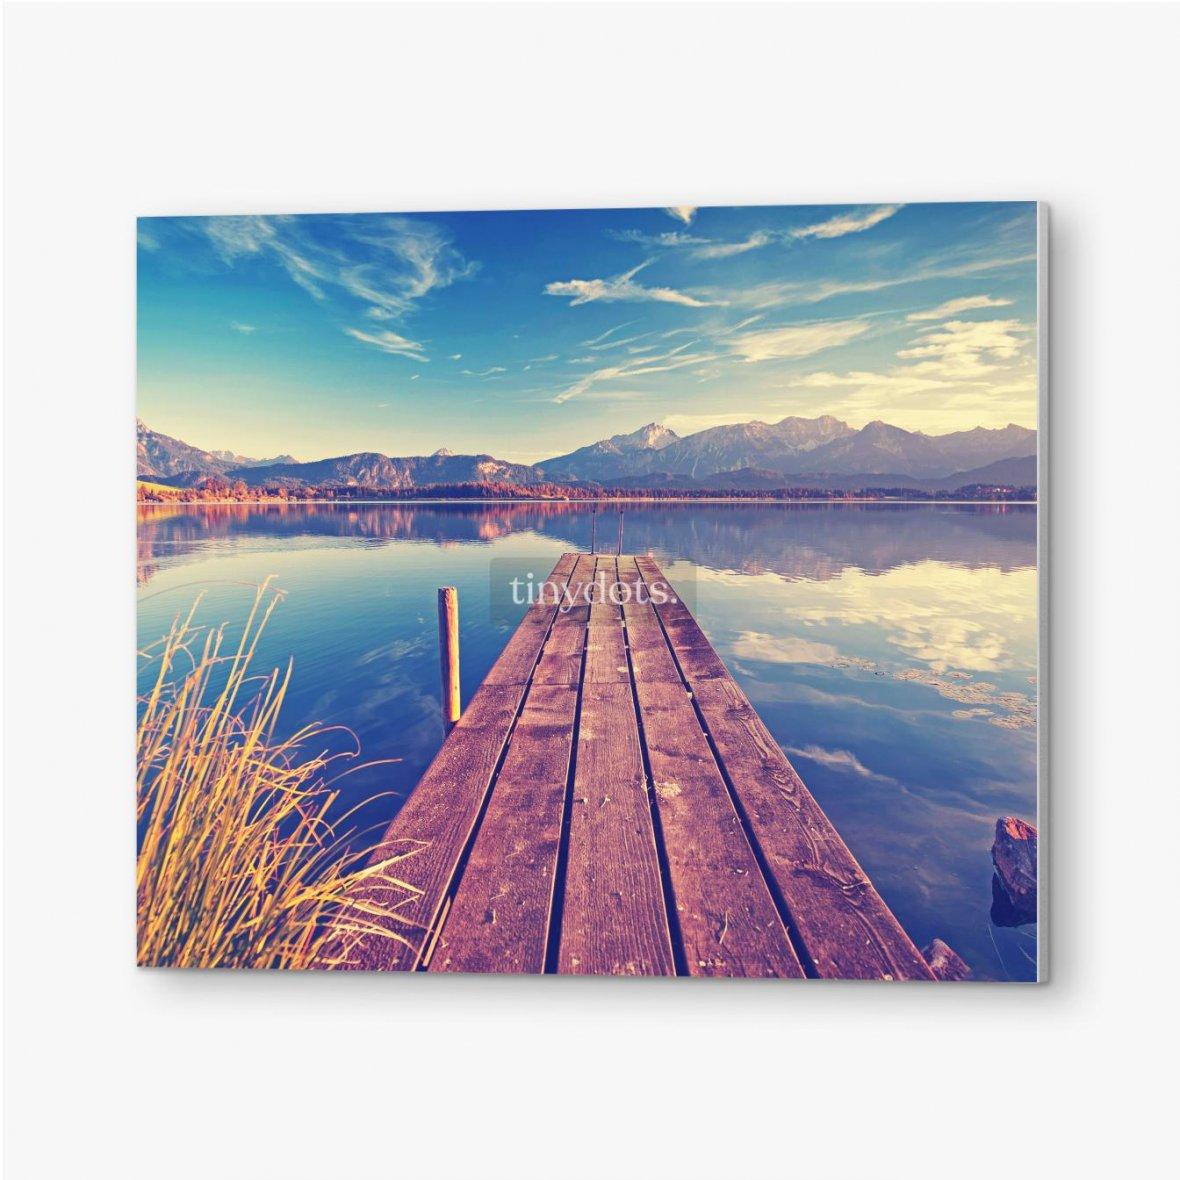 Bilder auf PVC Pier über den See vor dem Hintergrund der Berge